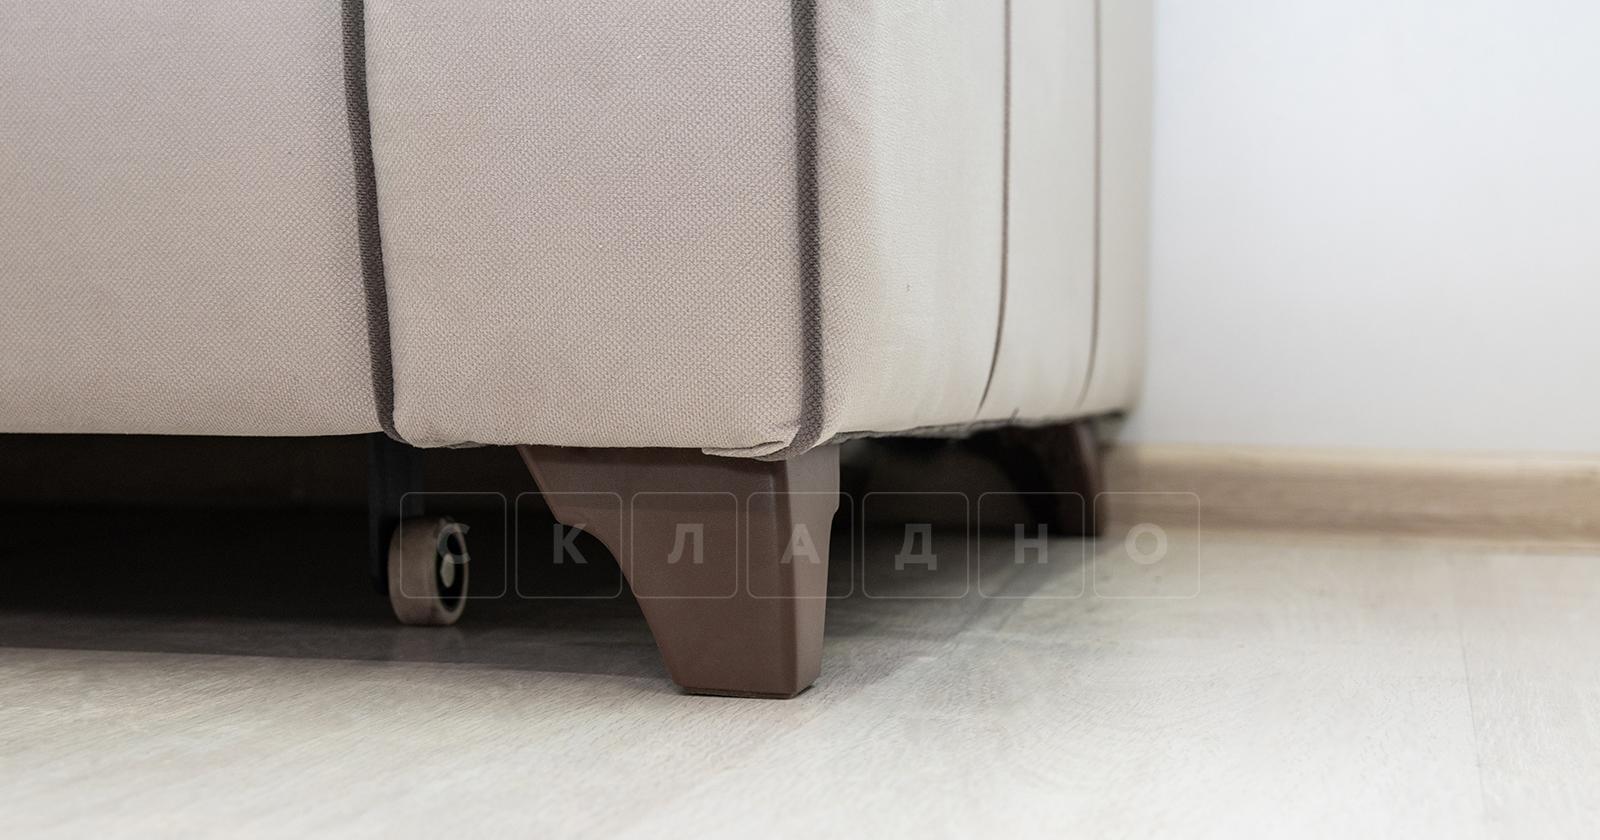 Диван-кровать угловой Флэтфорд серо-бежевый фото 13 | интернет-магазин Складно